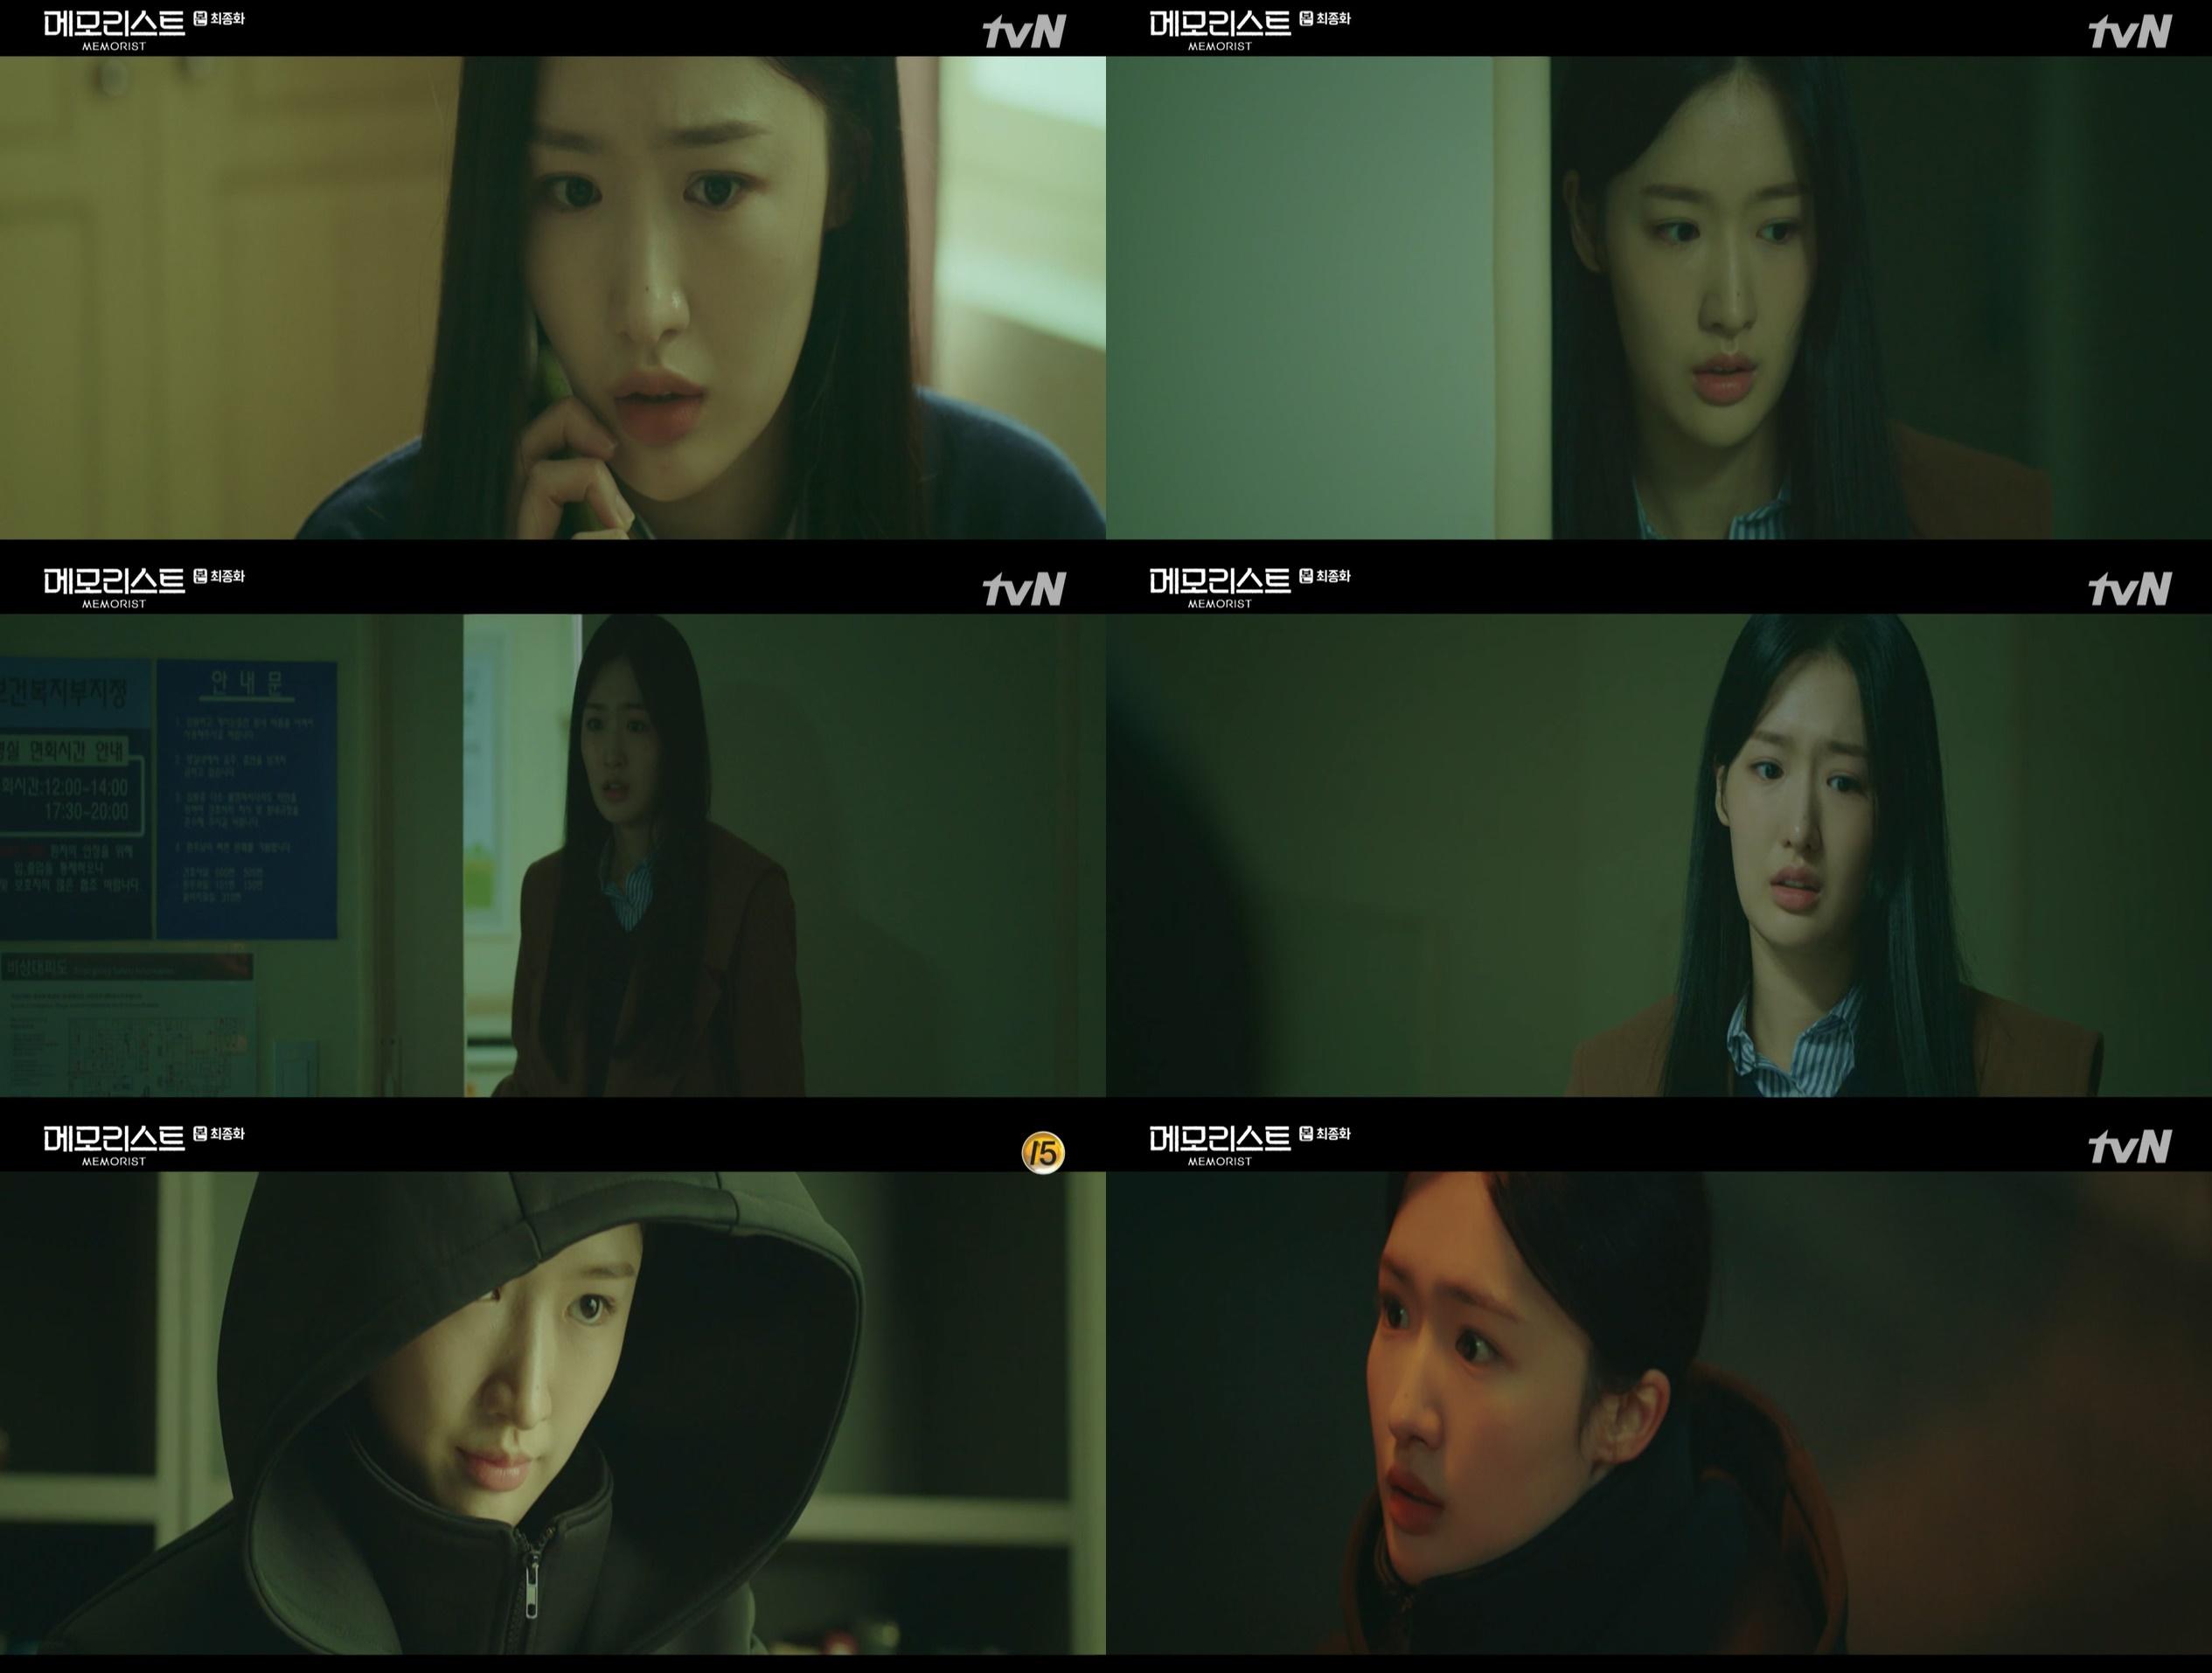 특별출연→반전활약!...조혜주, 존재감 증명한 '기대주 신예'